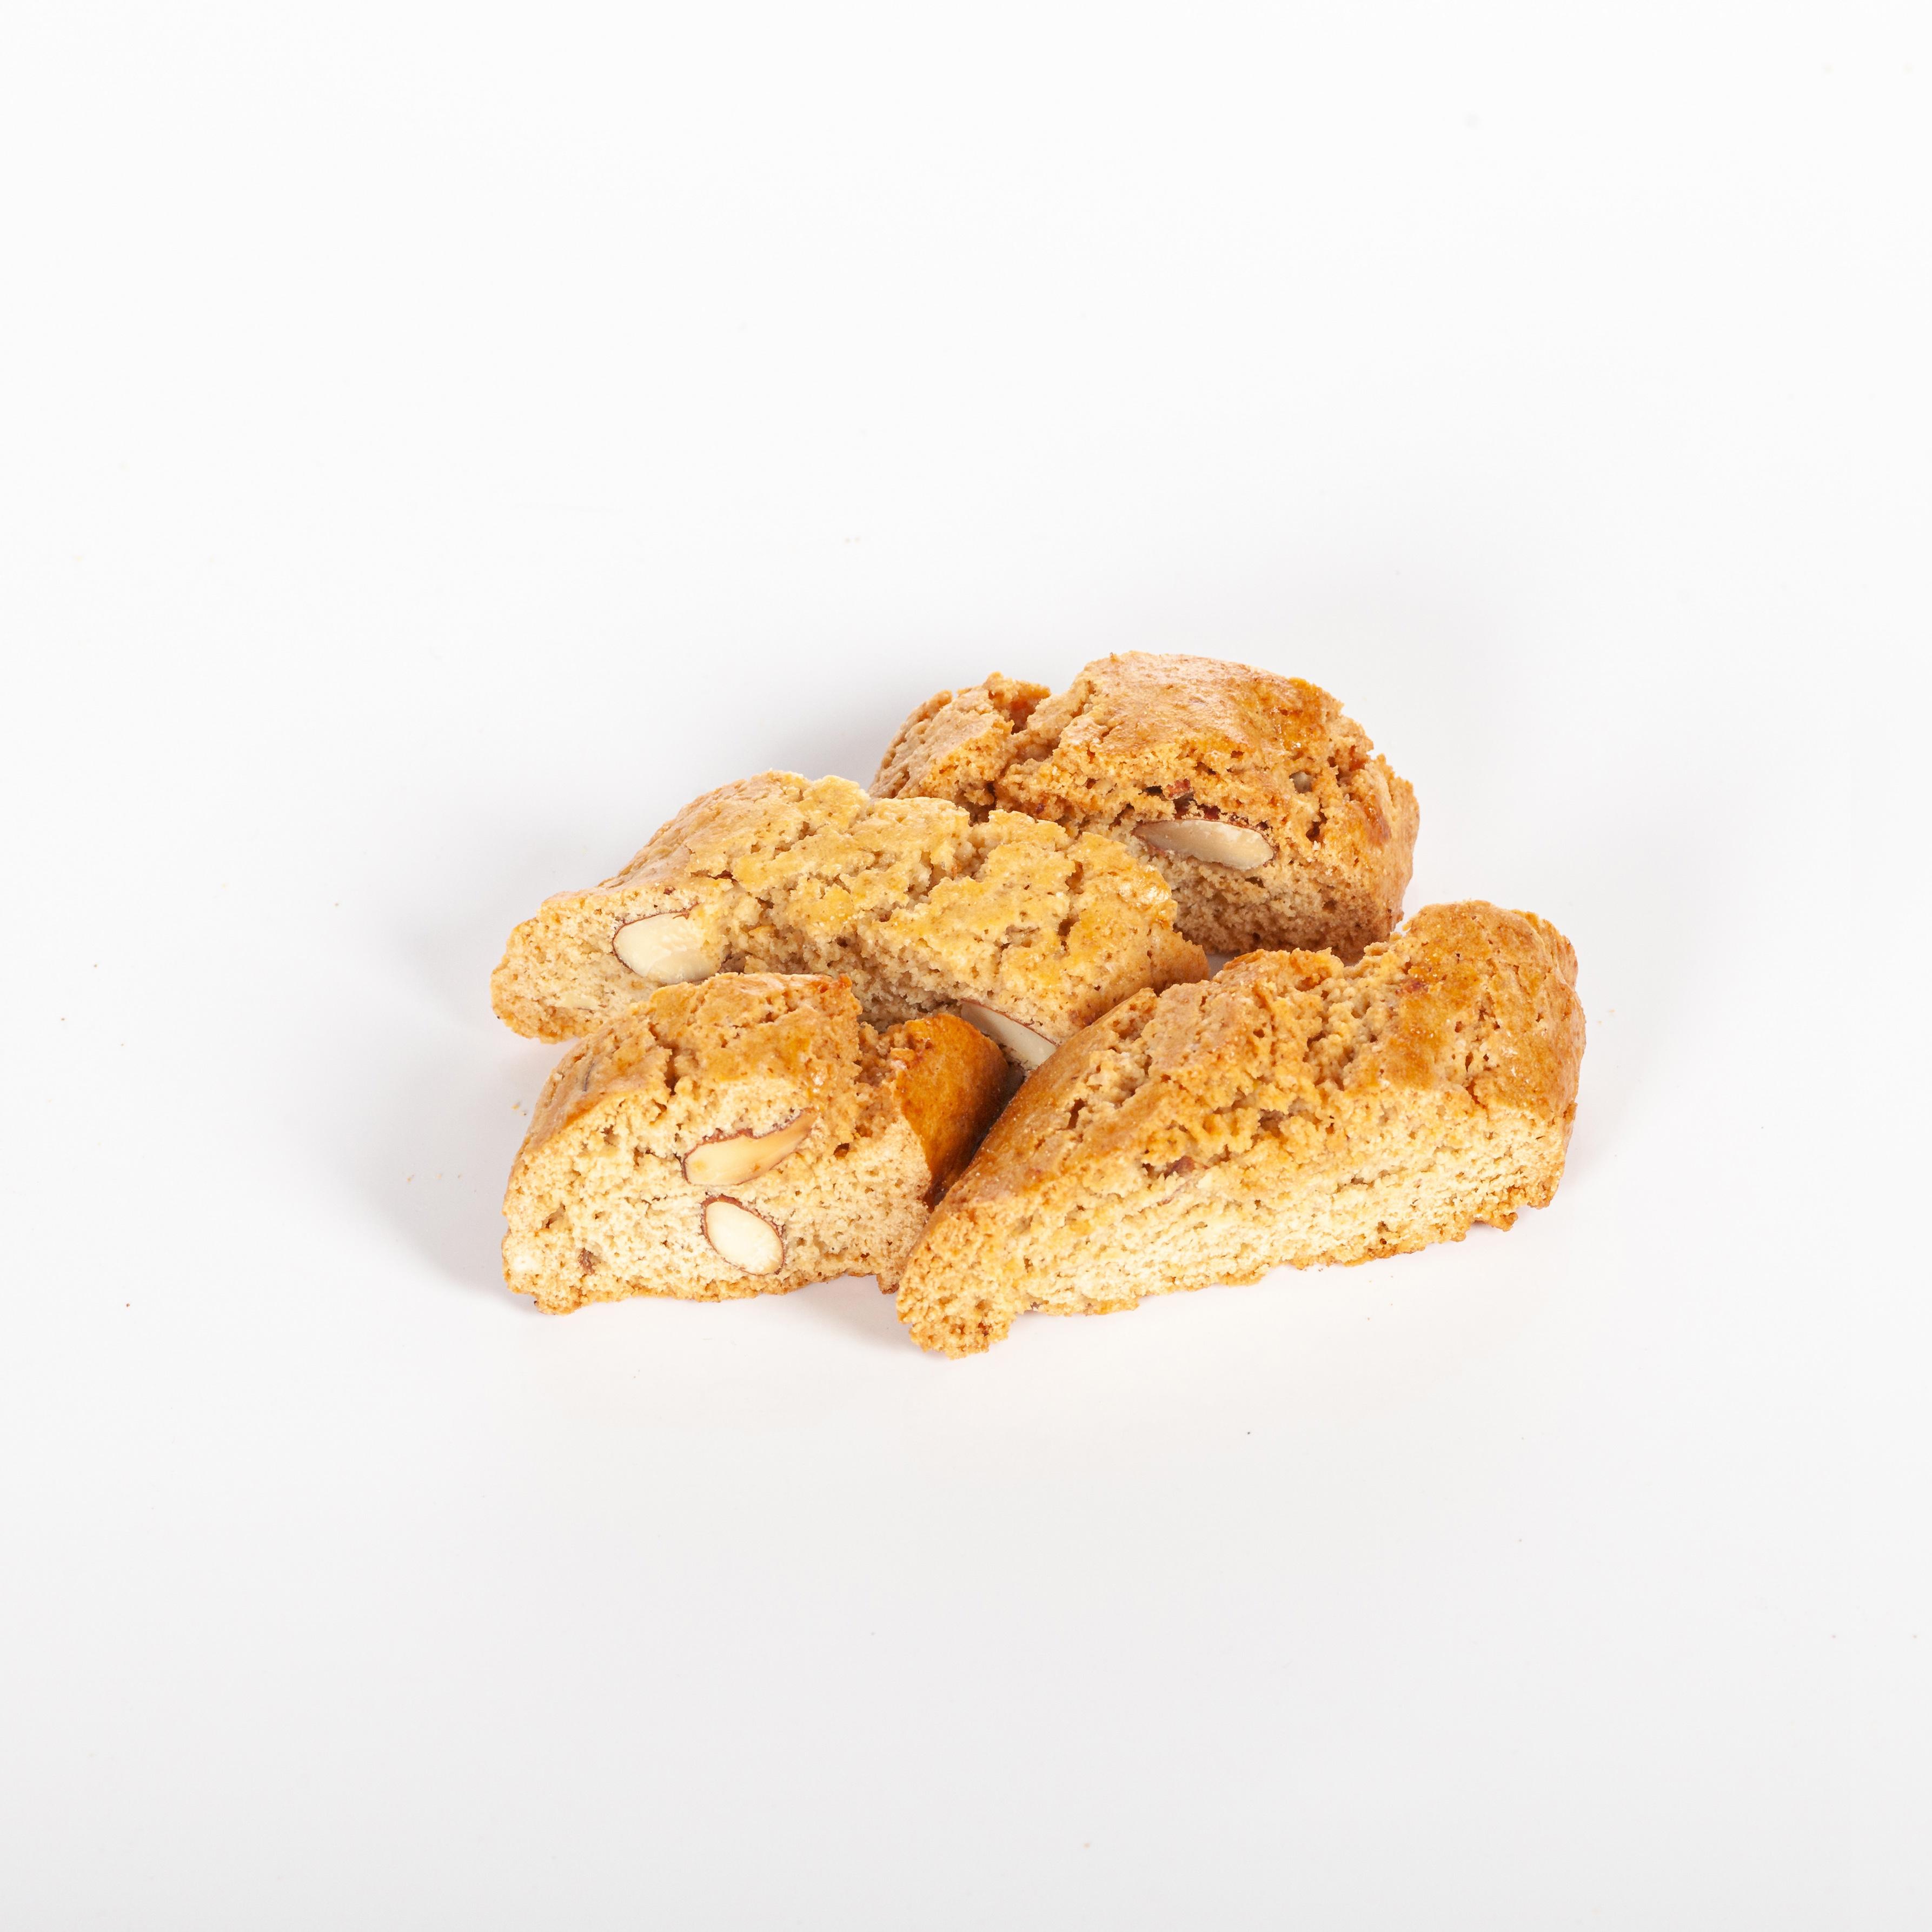 cantucci-classici-mago-farina-biscotti-versilia